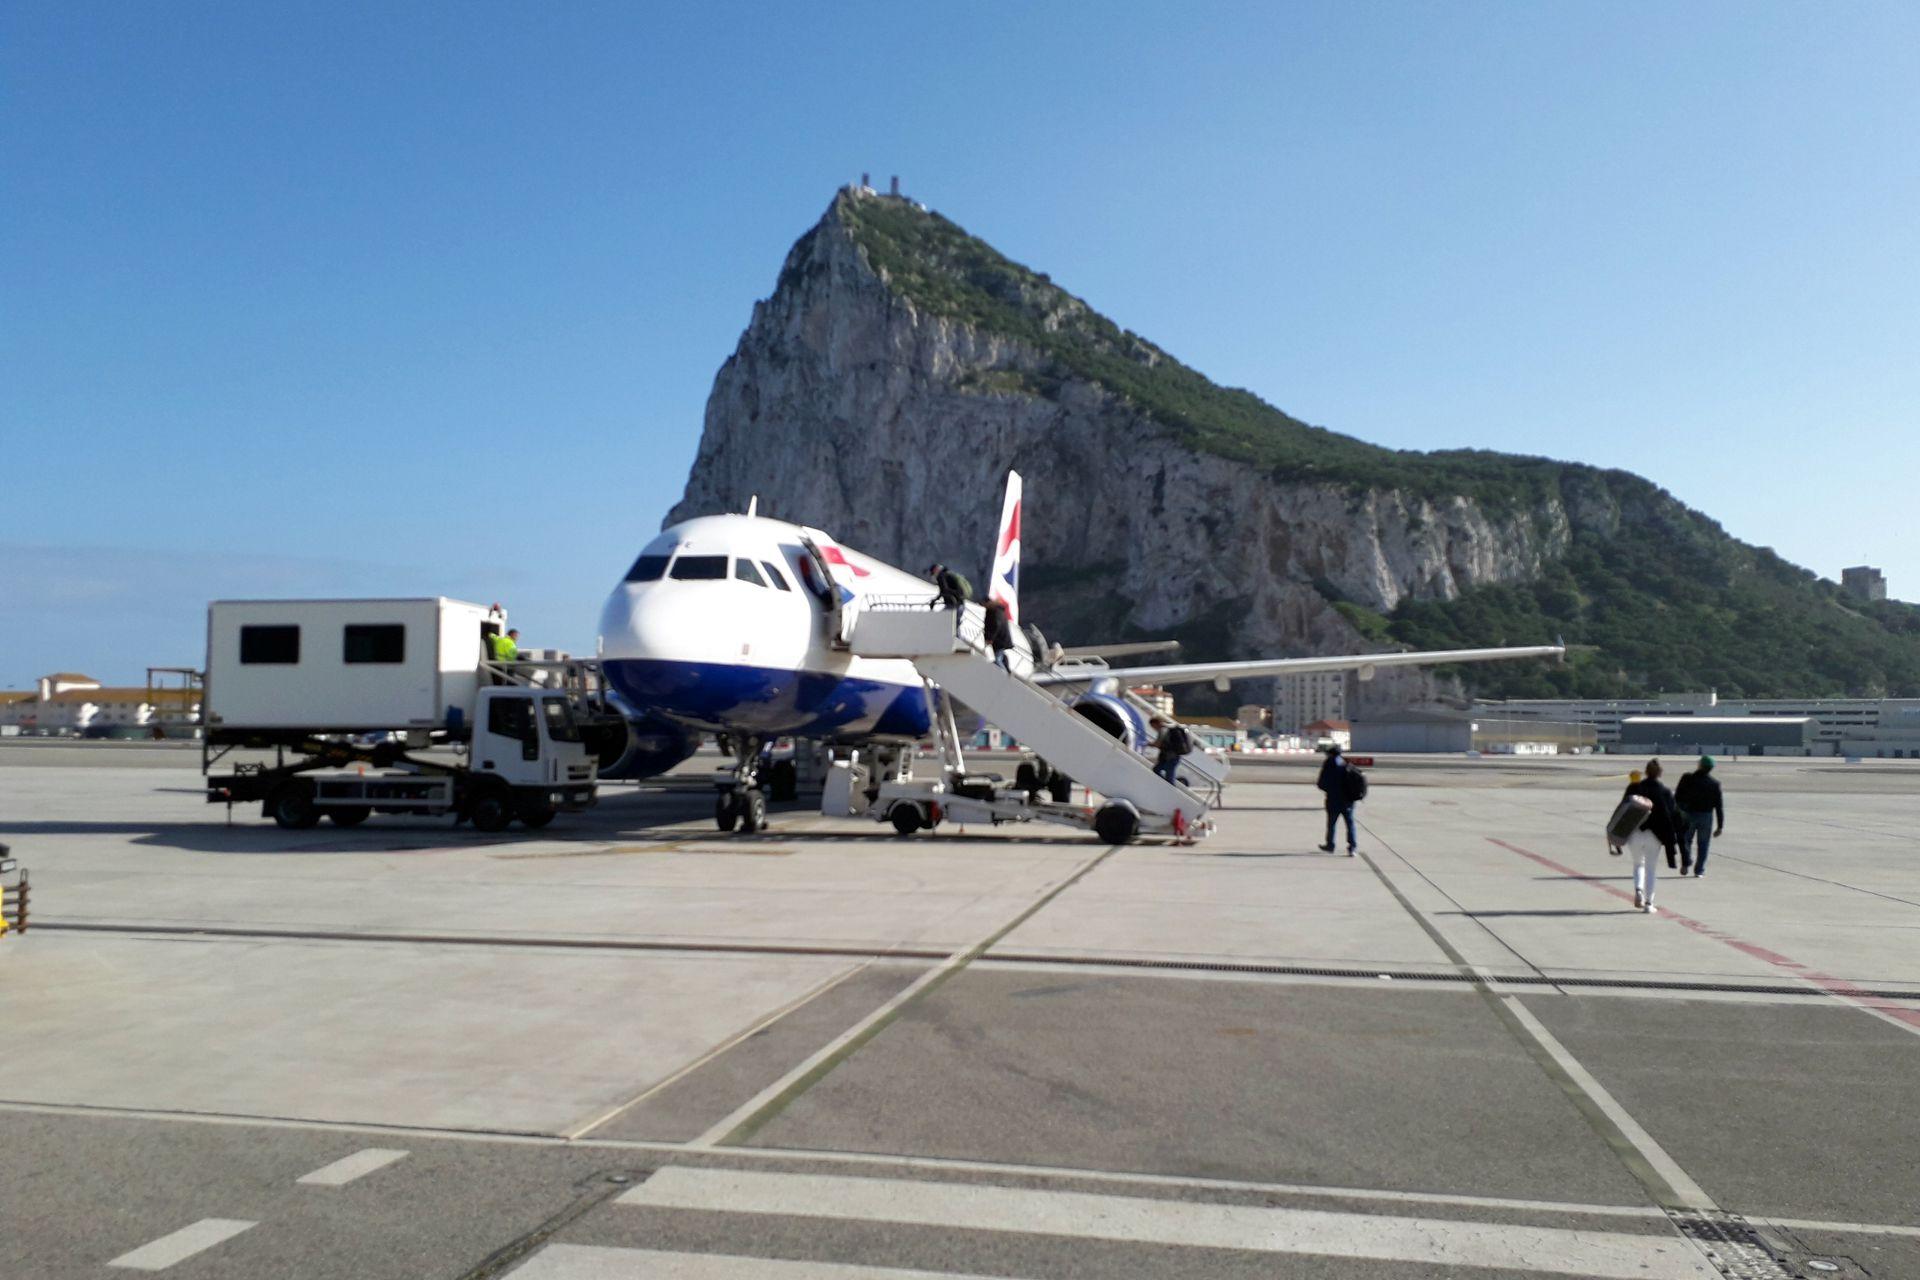 El istmo de arena está actualmente ocupado por el Aeropuerto de Gibraltar.